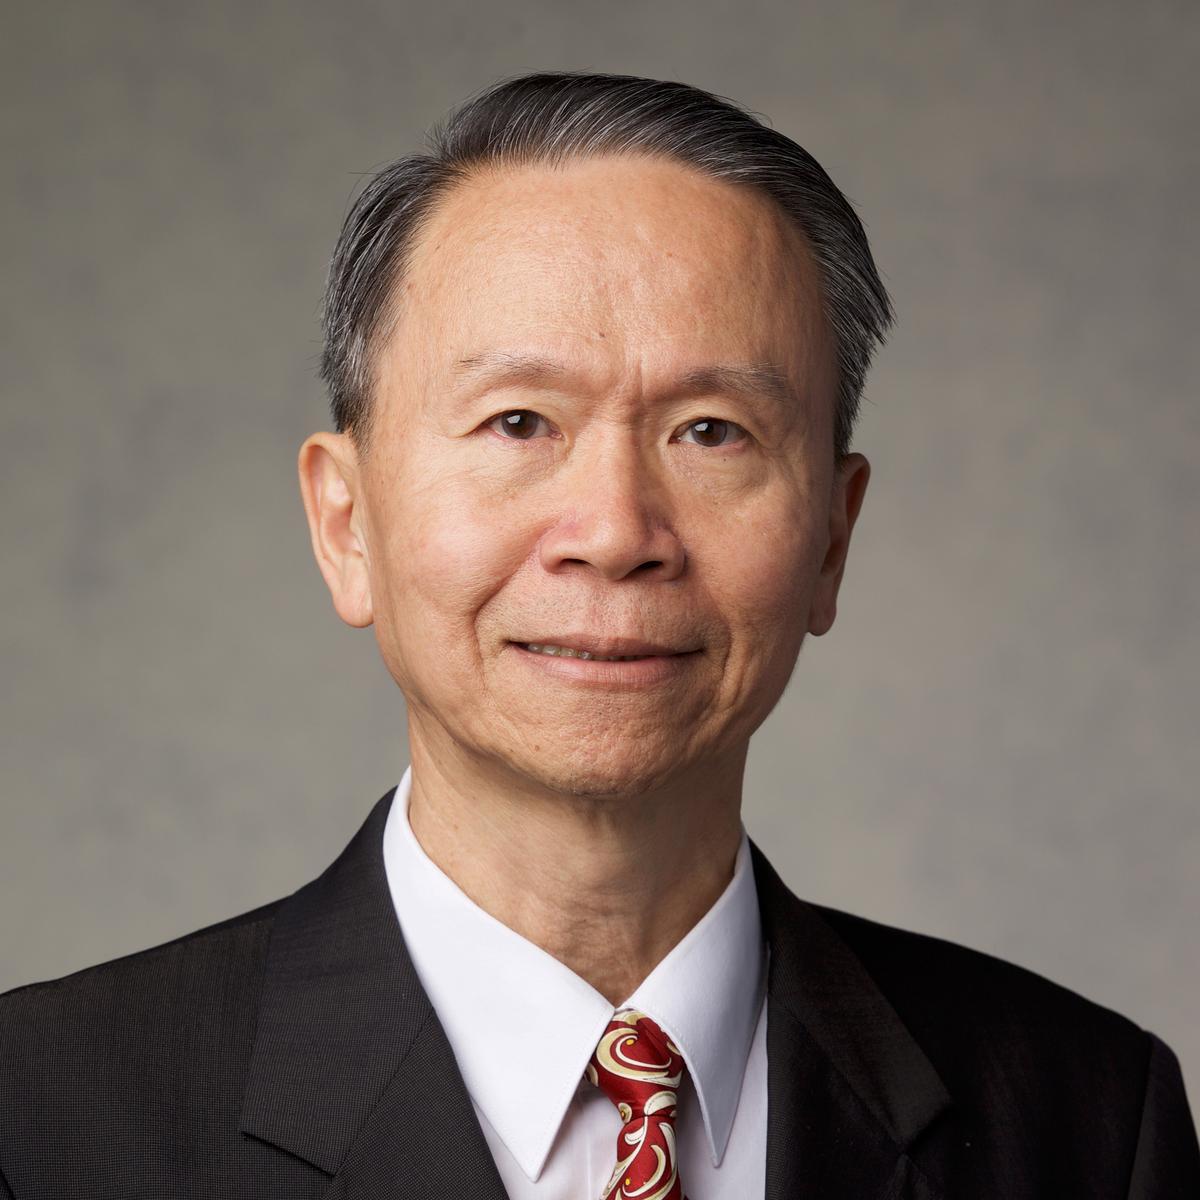 亞洲區域領袖訊息:「耶穌基督的福音」